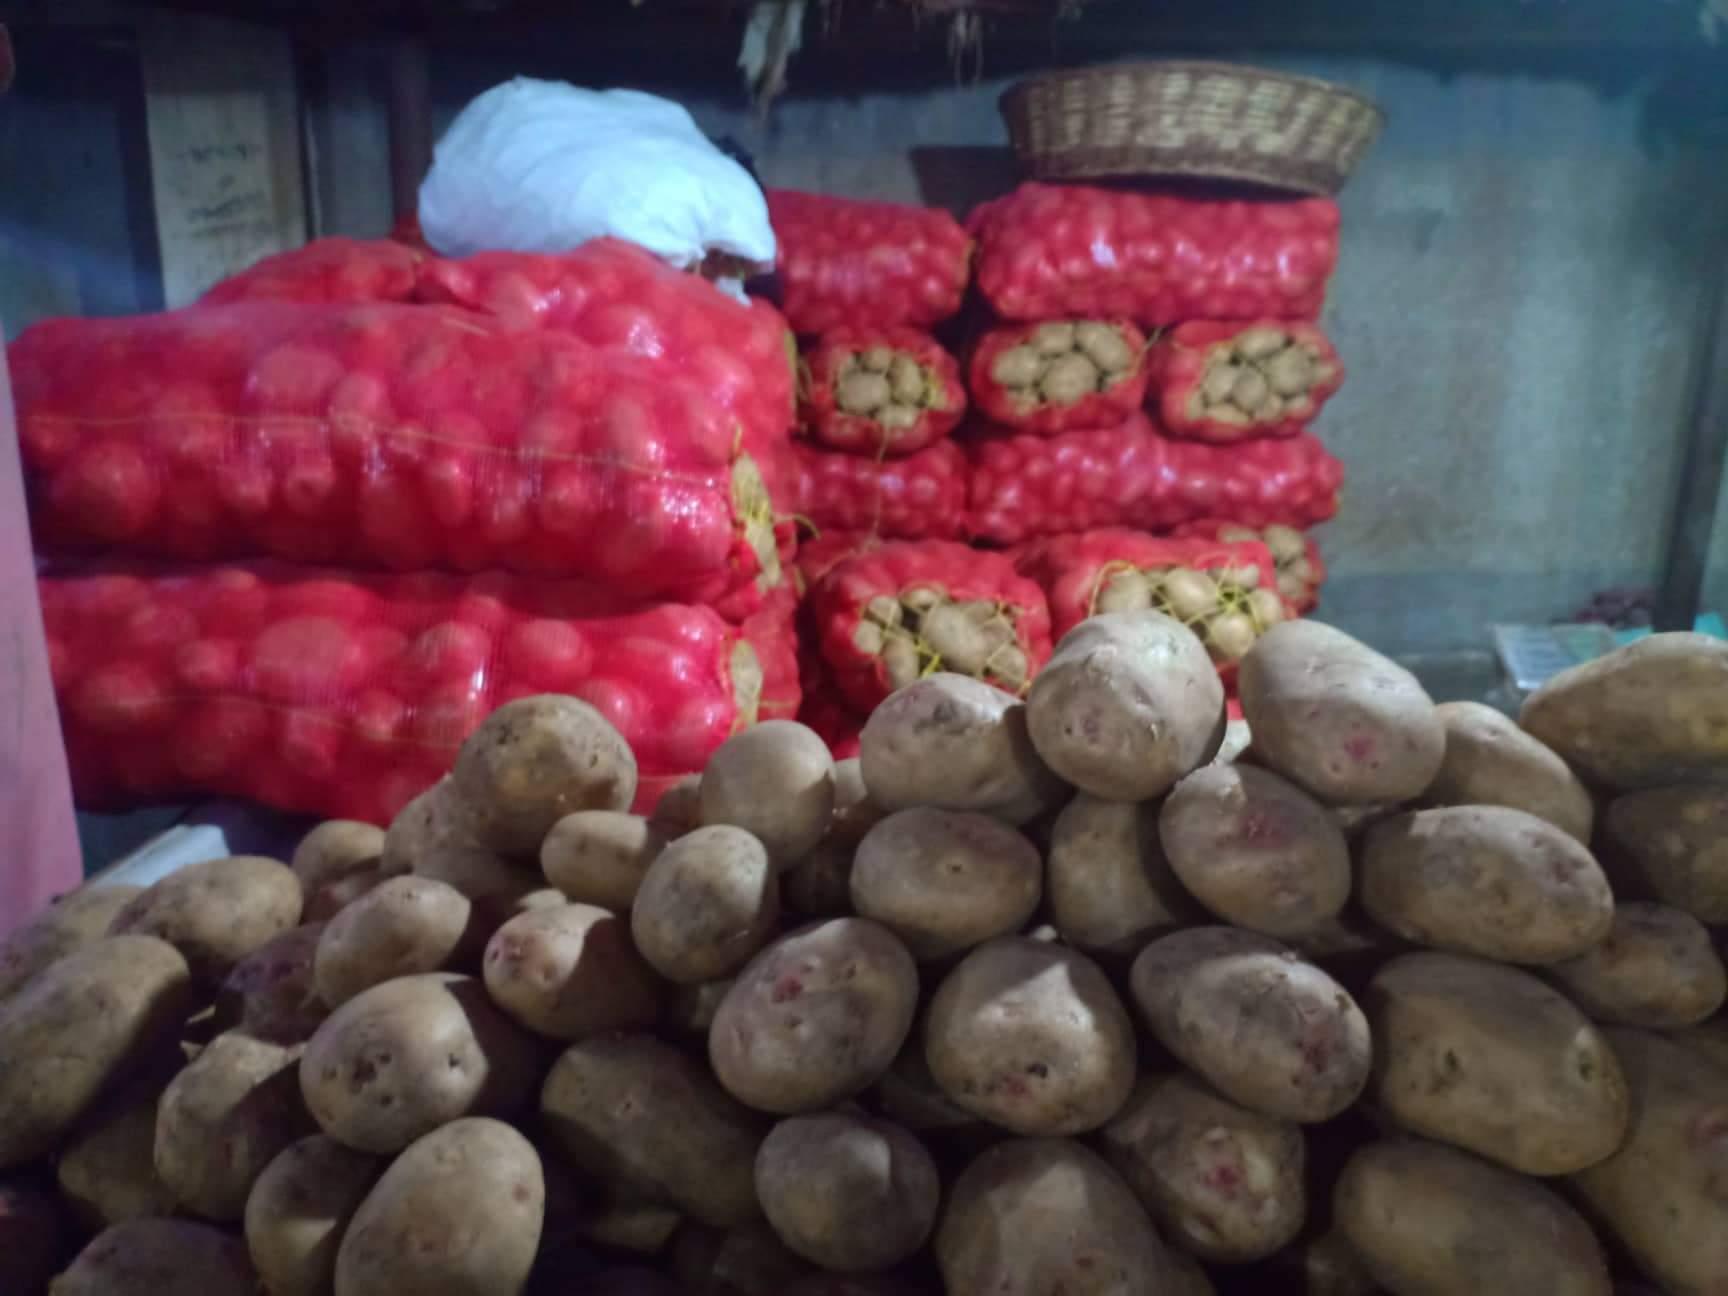 الخضروات بأسواق القليوبية بعد انخفاضها (2)